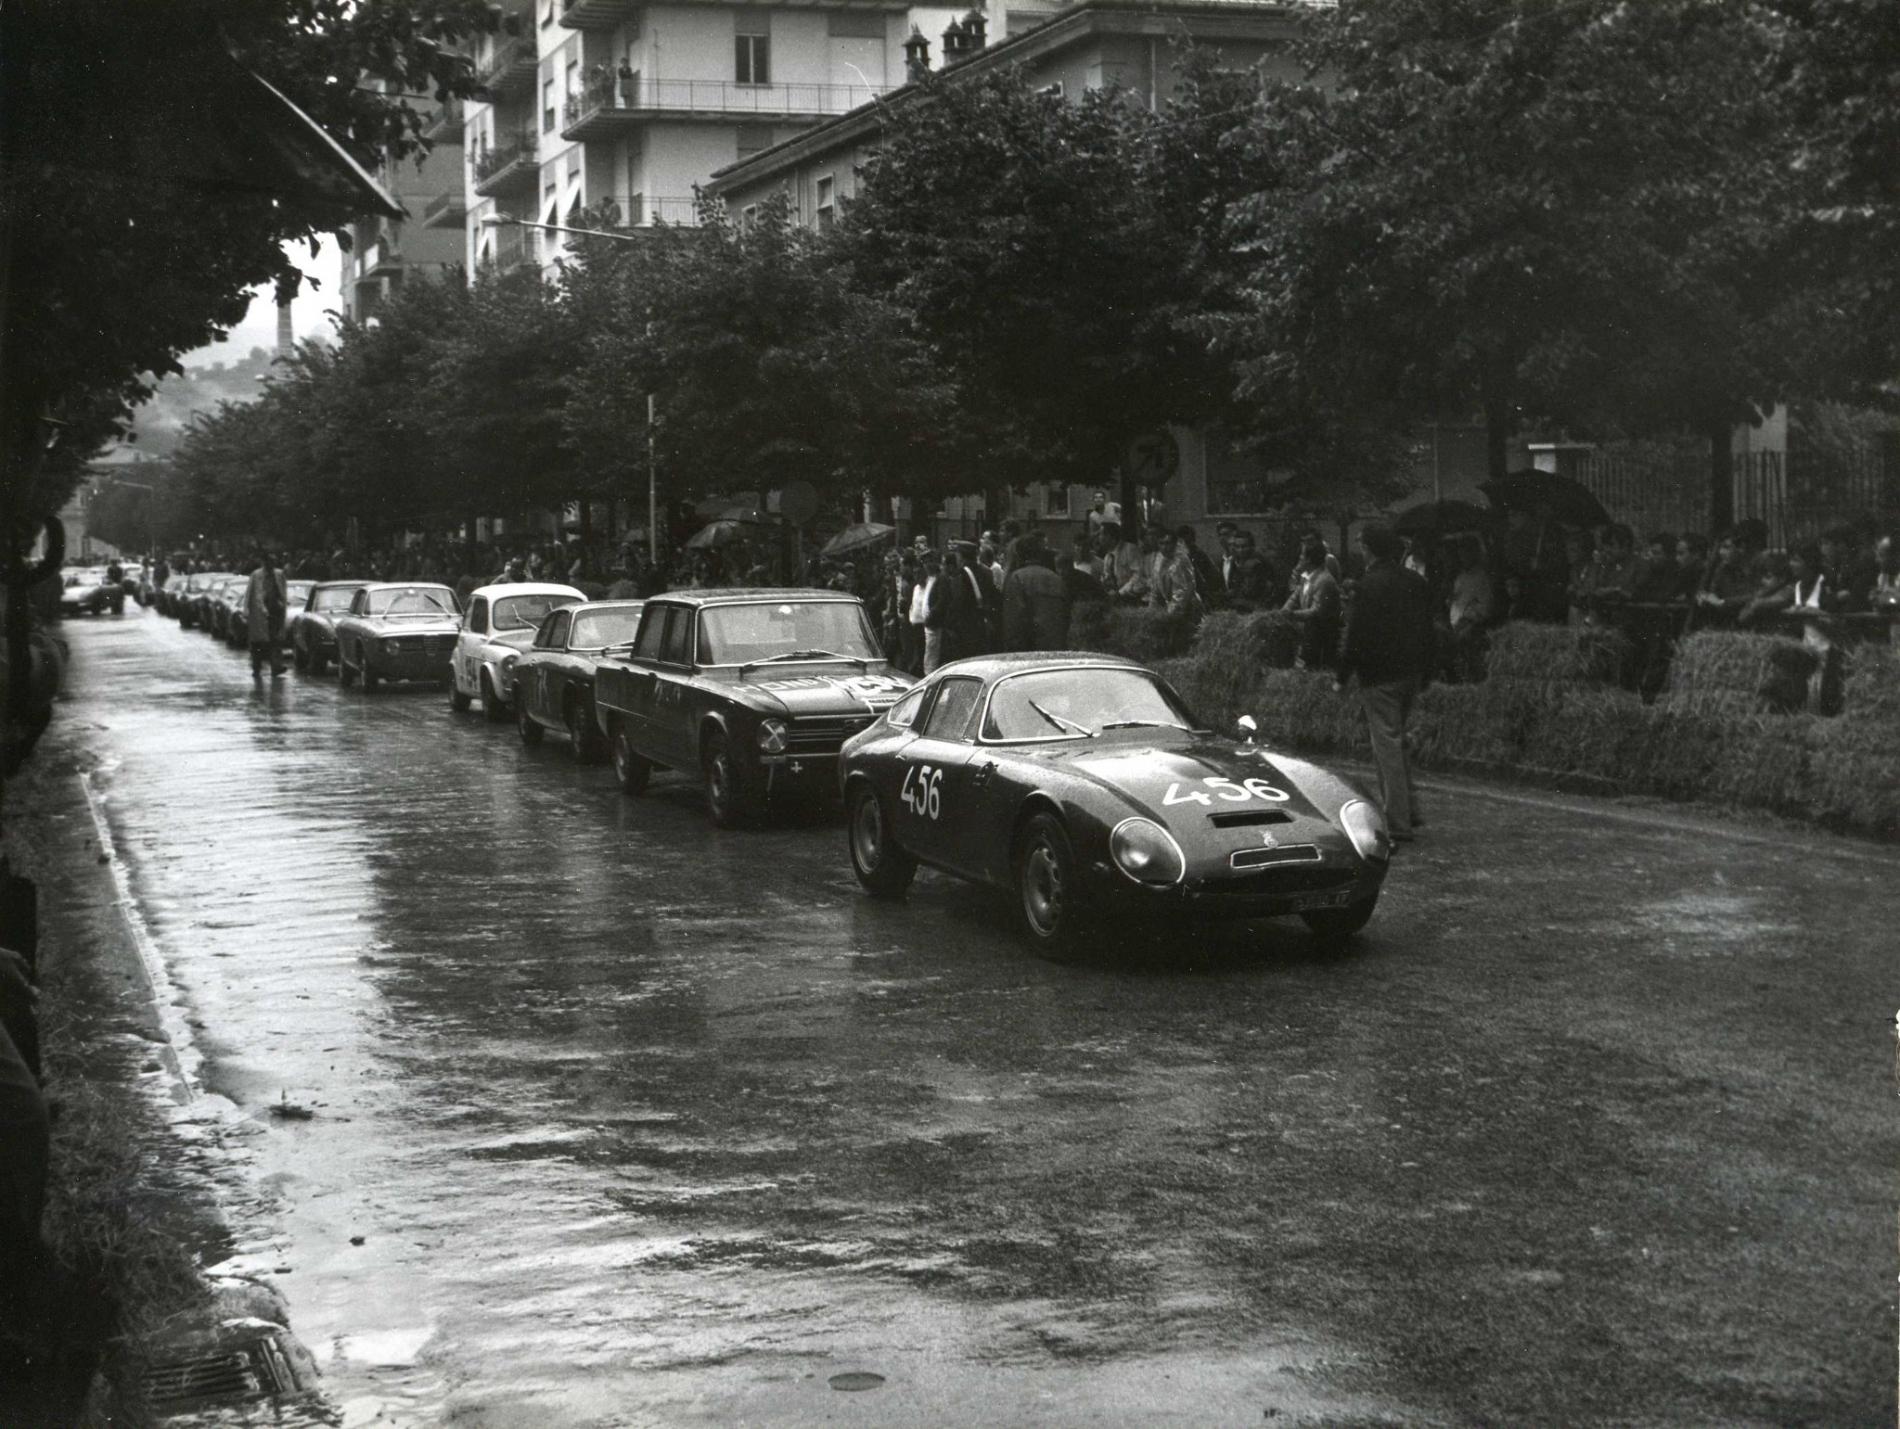 1968 Partenza Prove in colonna per Grelli (456), Cellini (Giulia).